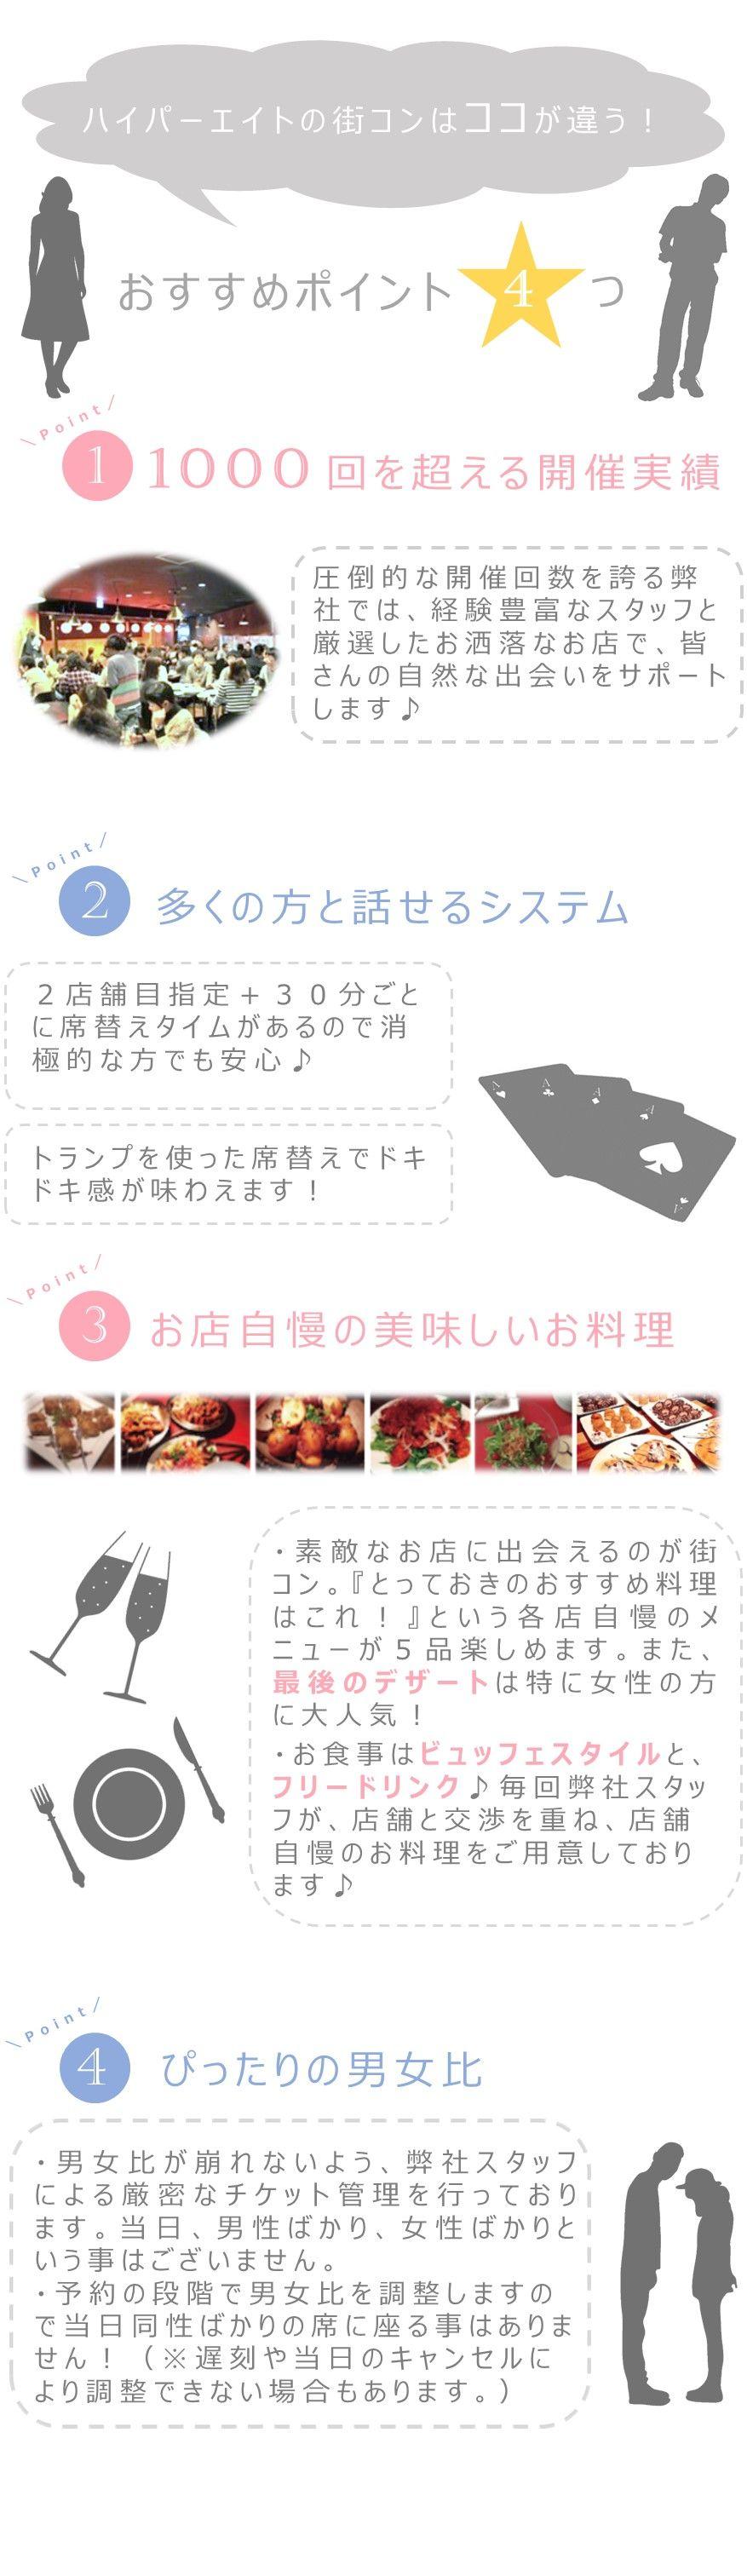 街コンジャパン掲載文114